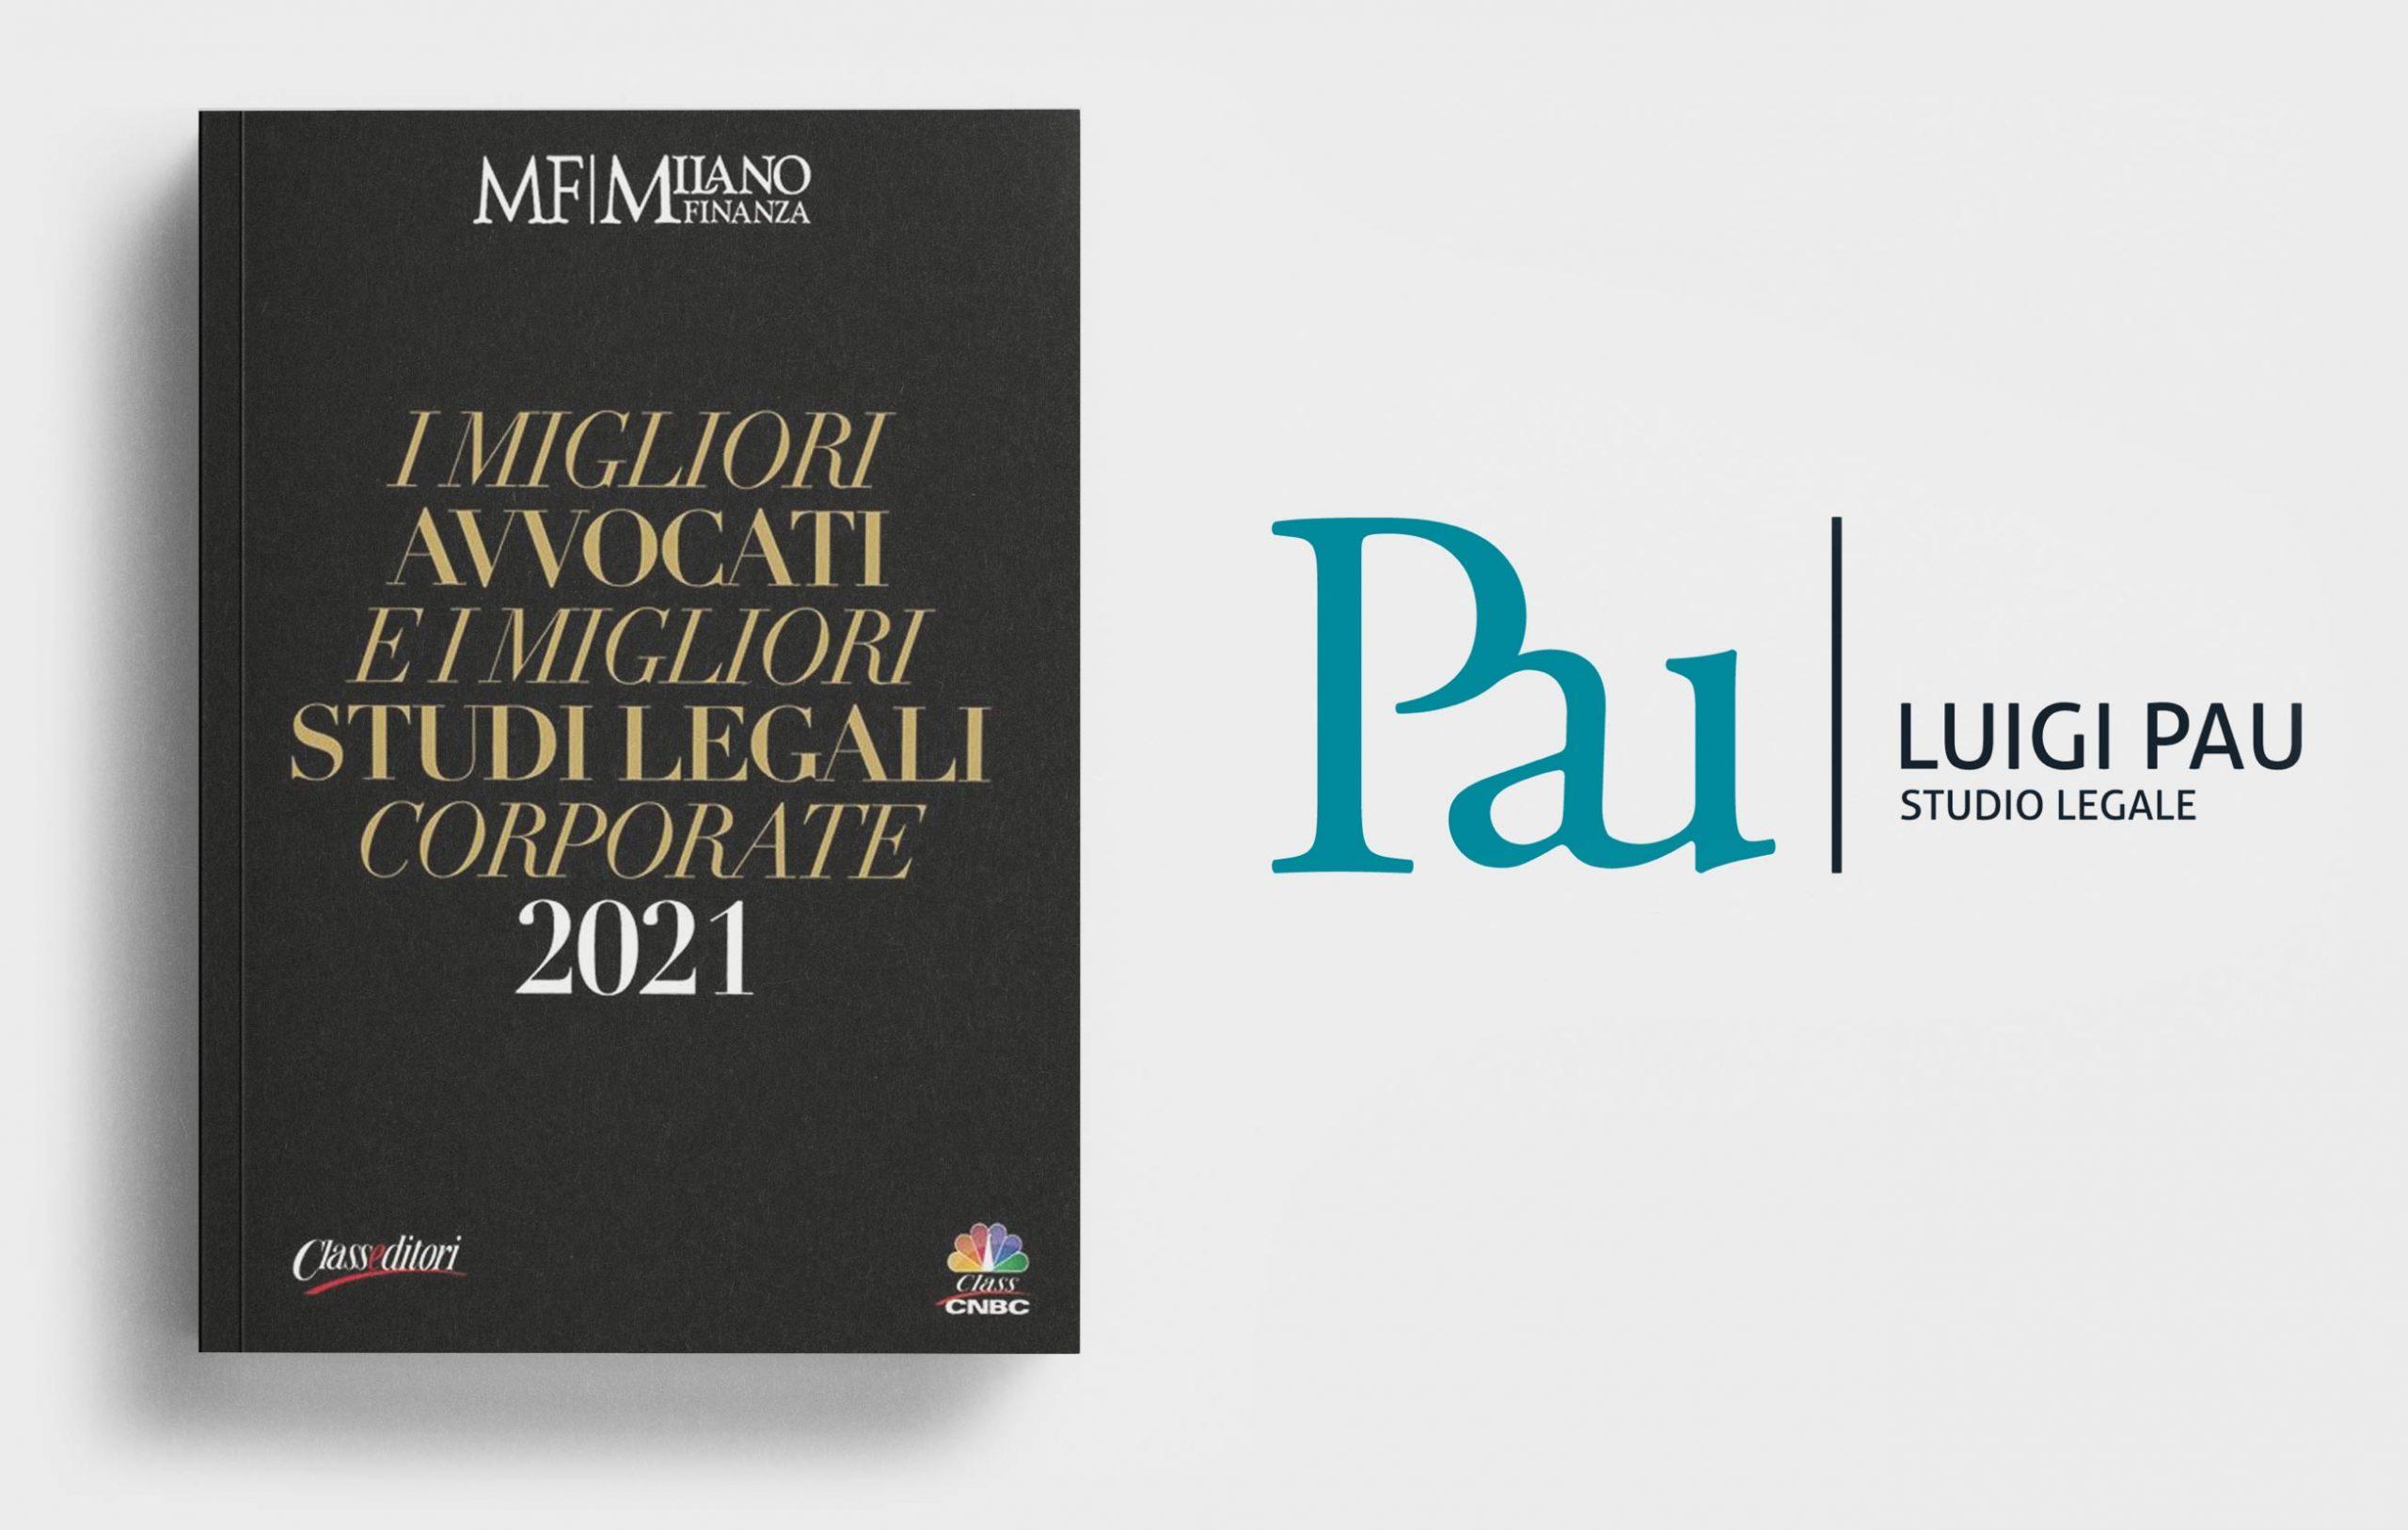 I-migliori-avvocati-e-i-migliori-studi-legali-corporate-2021